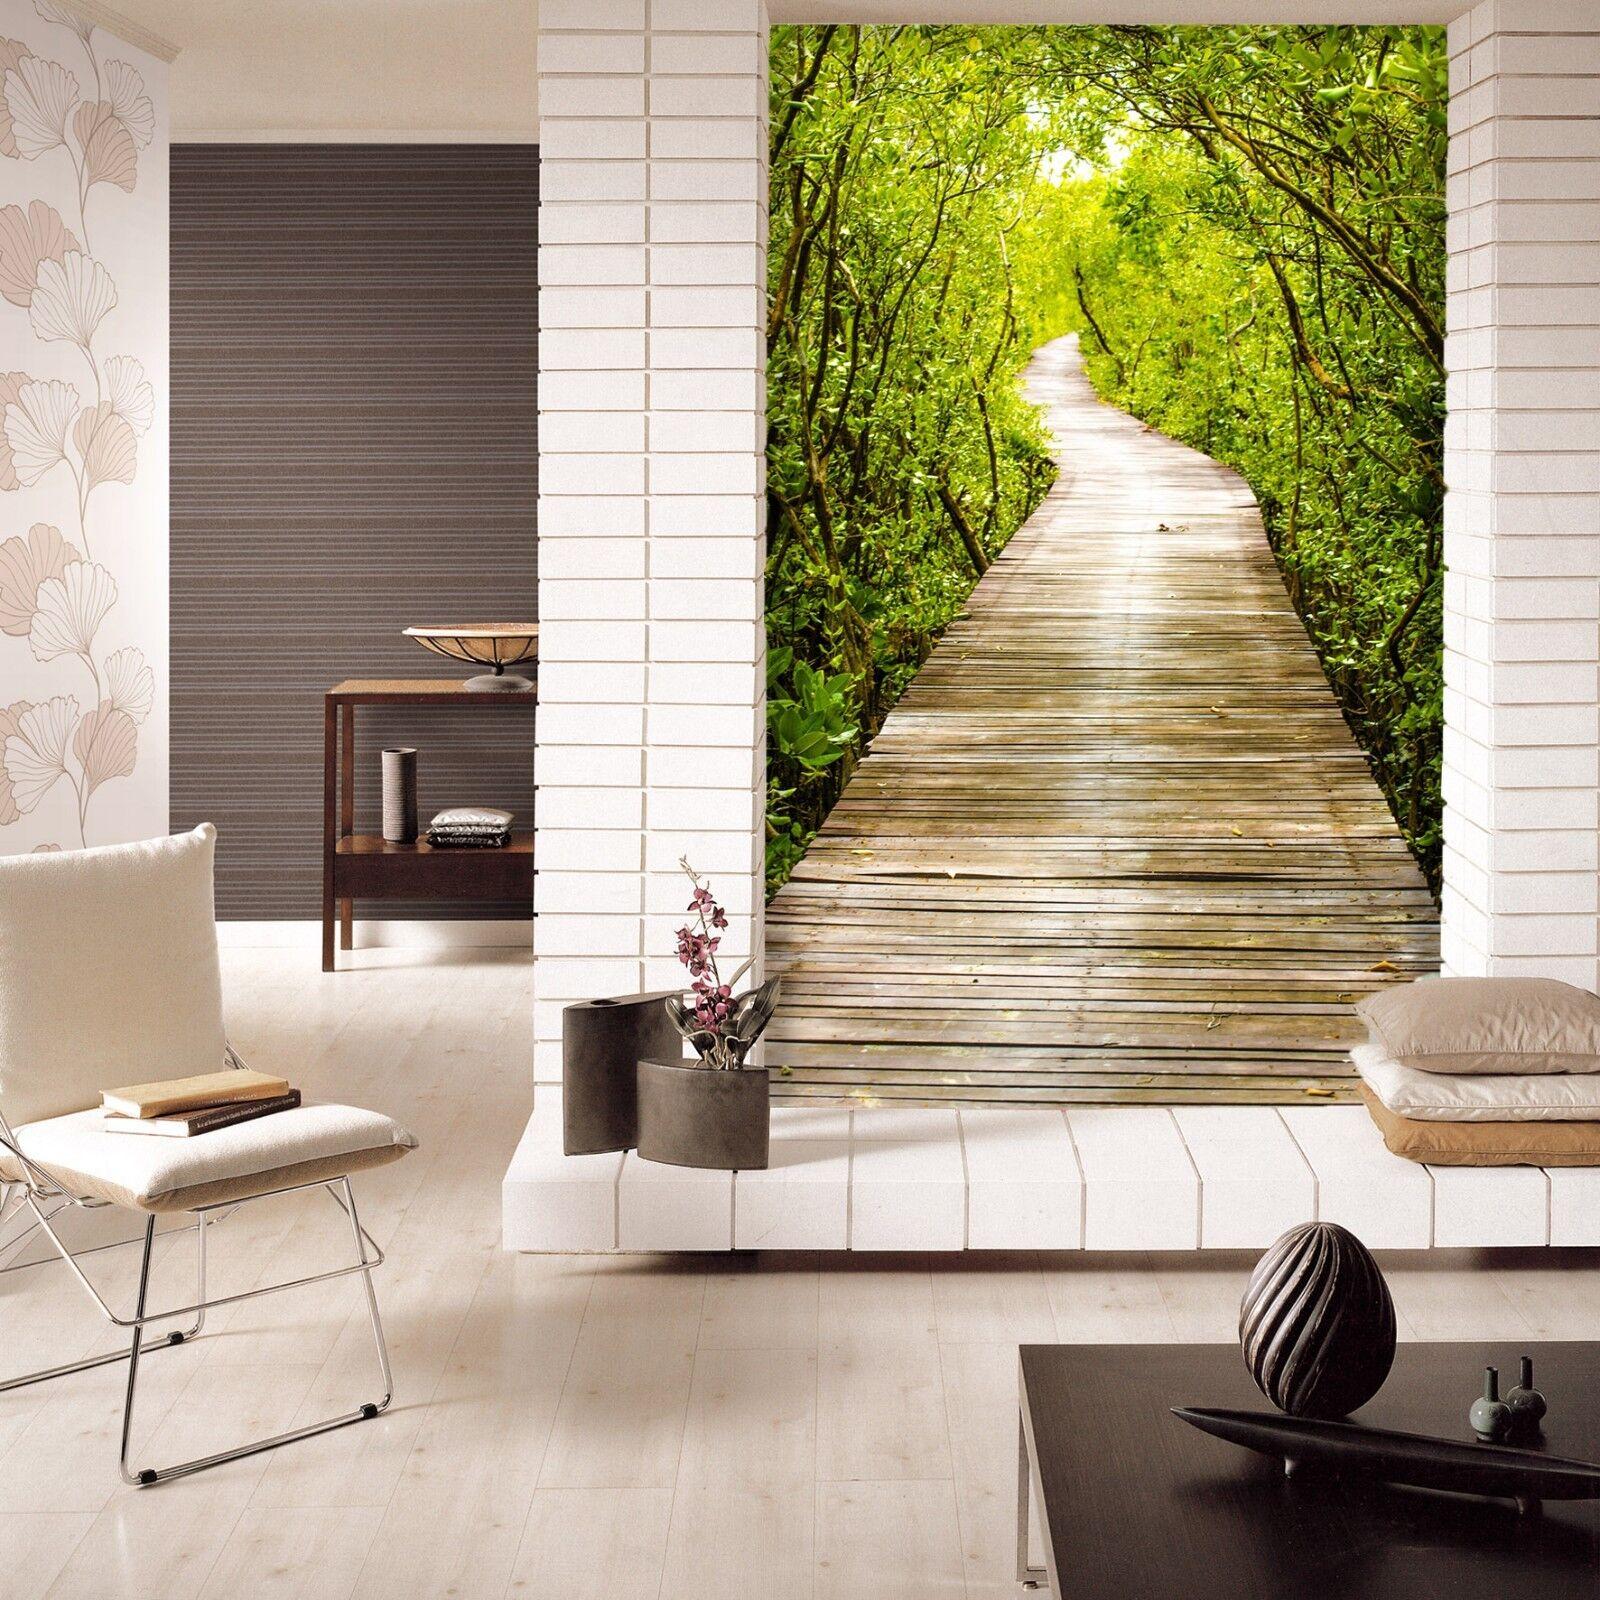 3D Wälder Promenade 788 Tapete Wandgemälde Tapete Tapeten Bild Familie DE Lemon